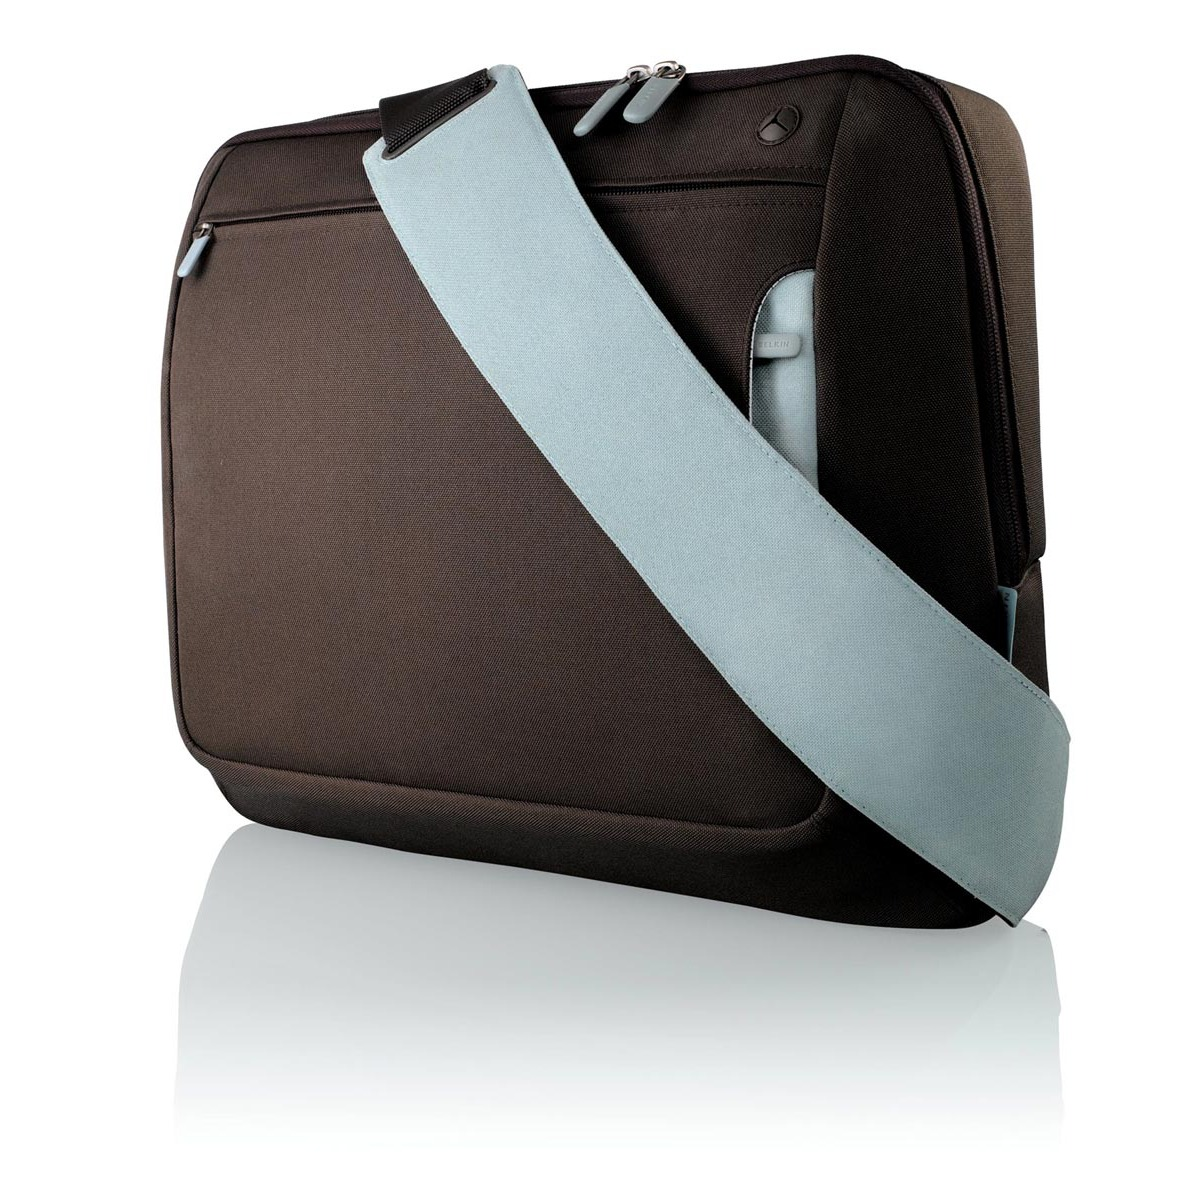 Sac, sacoche, housse Belkin sacoche pour ordinateur portable (jusqu'à 15.6'') (coloris marron/bleu)